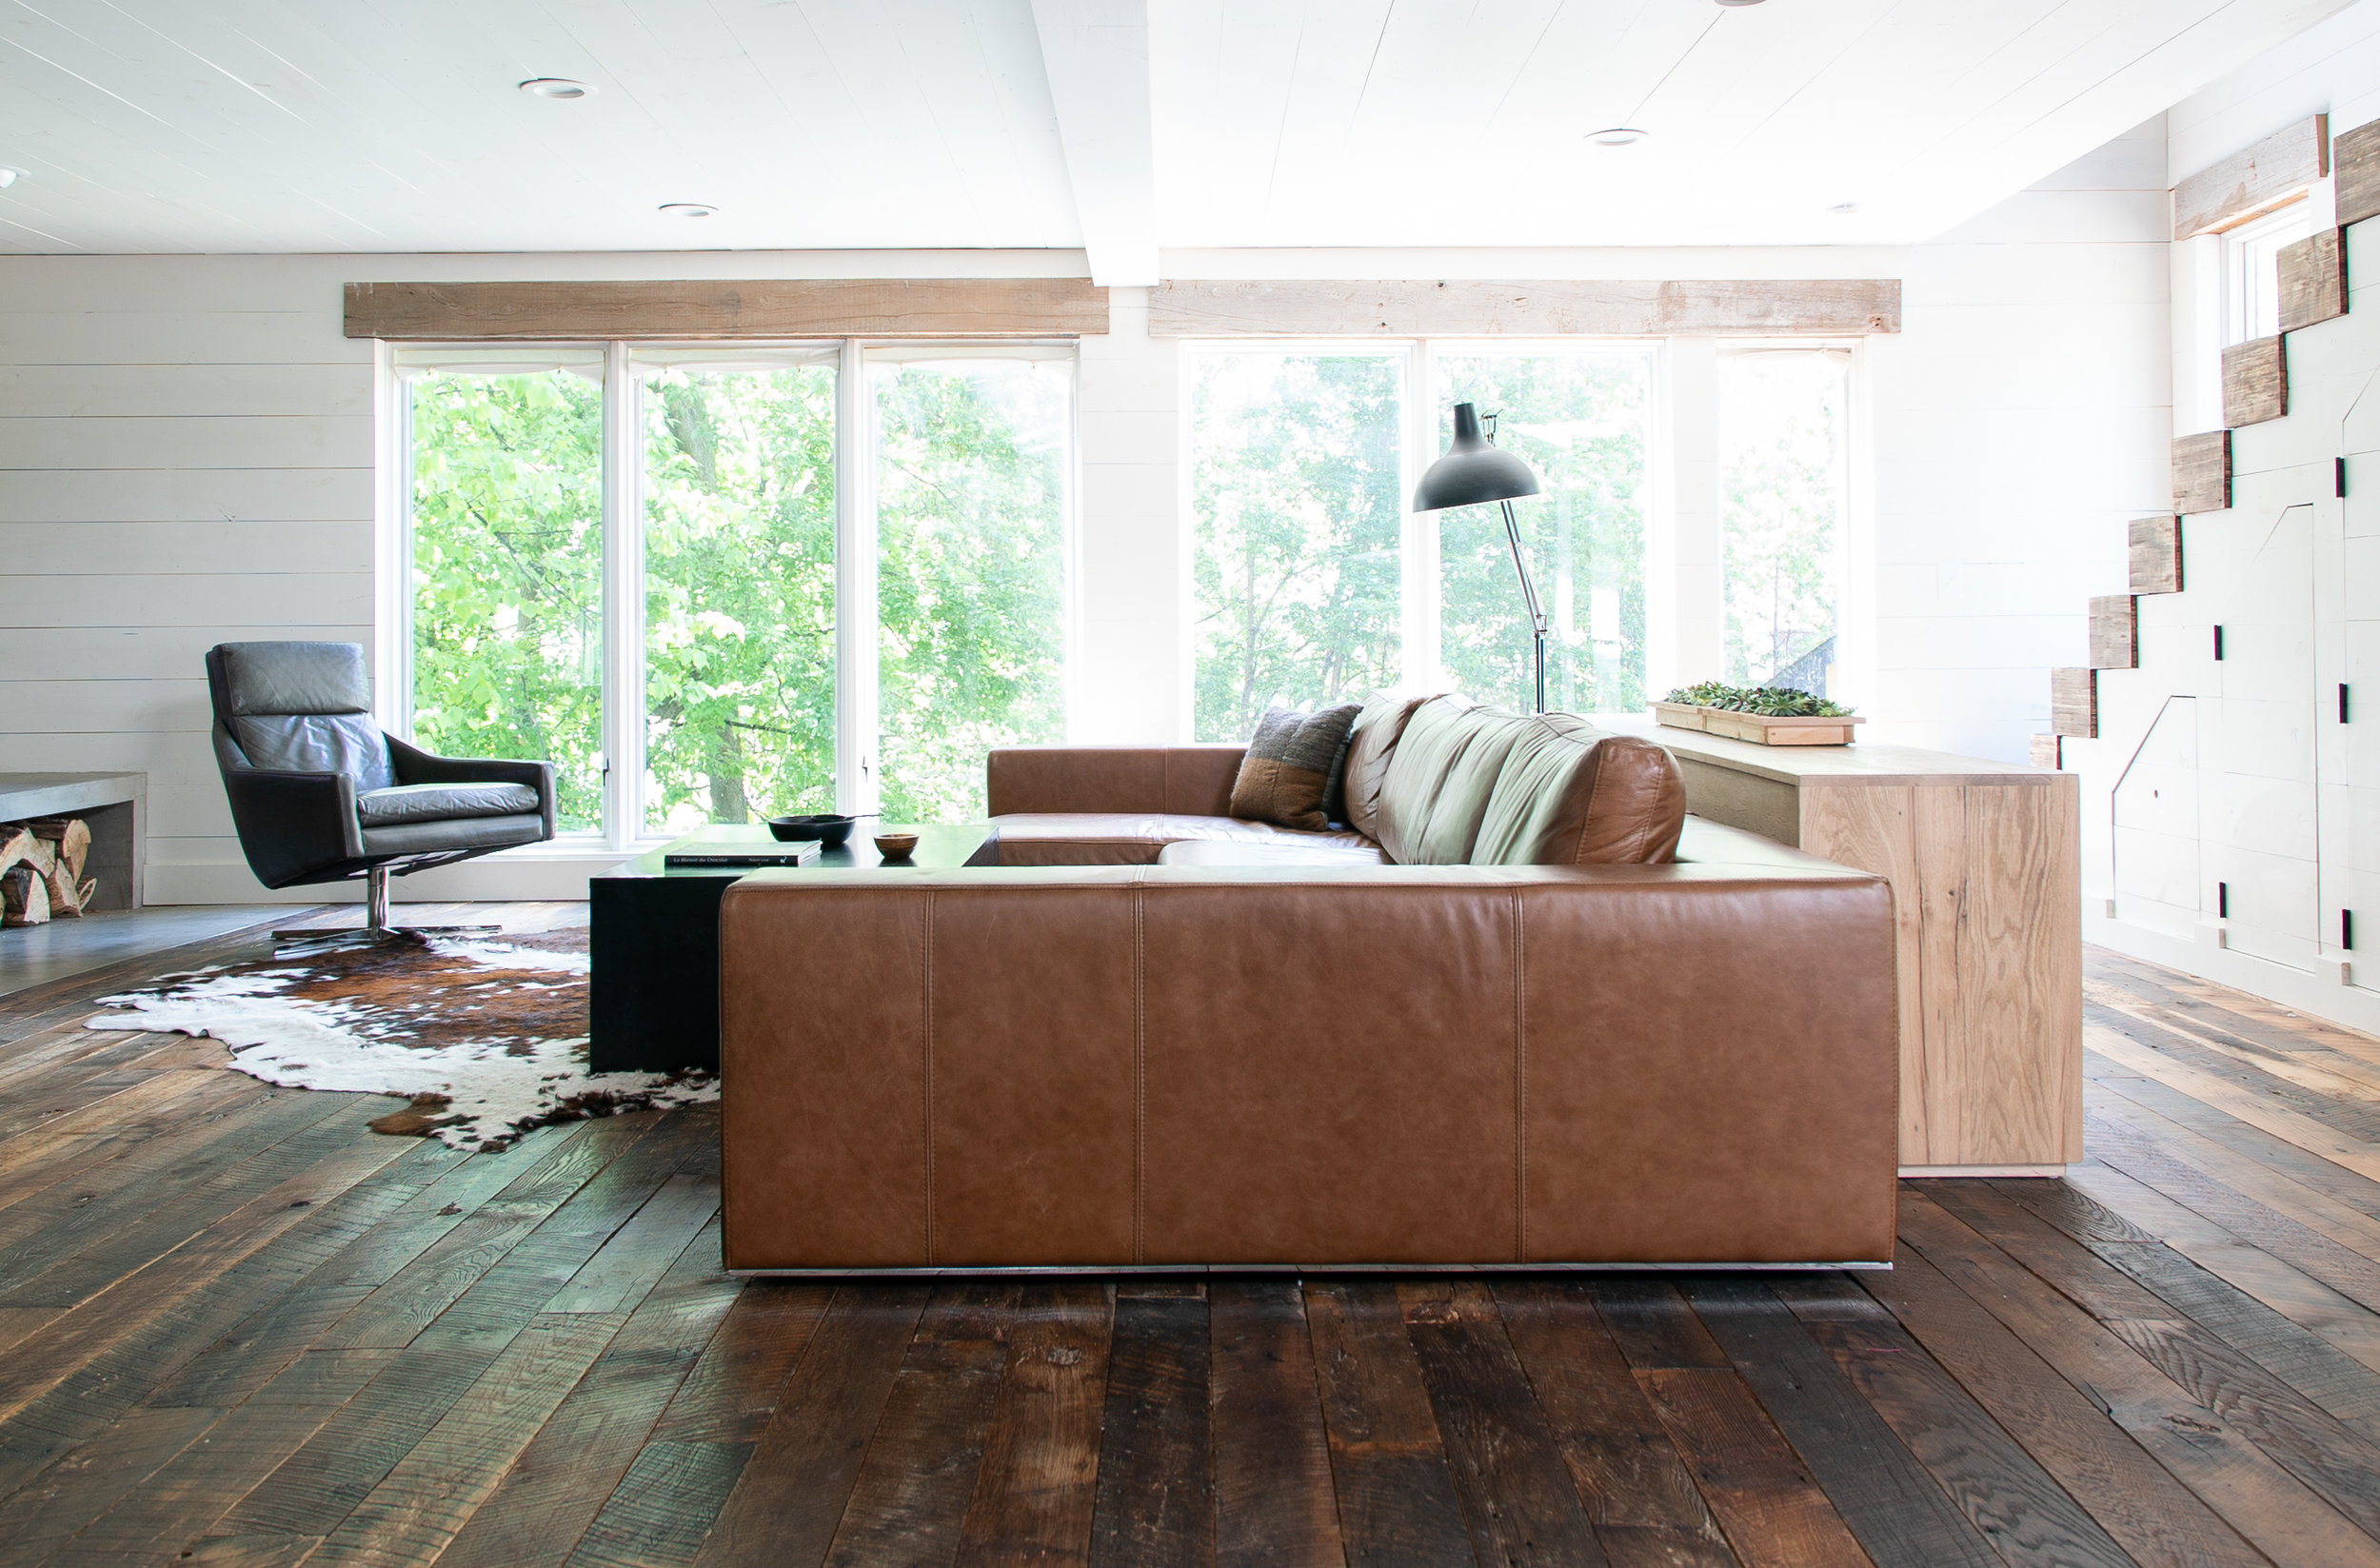 leathercouchlivingroomphoto